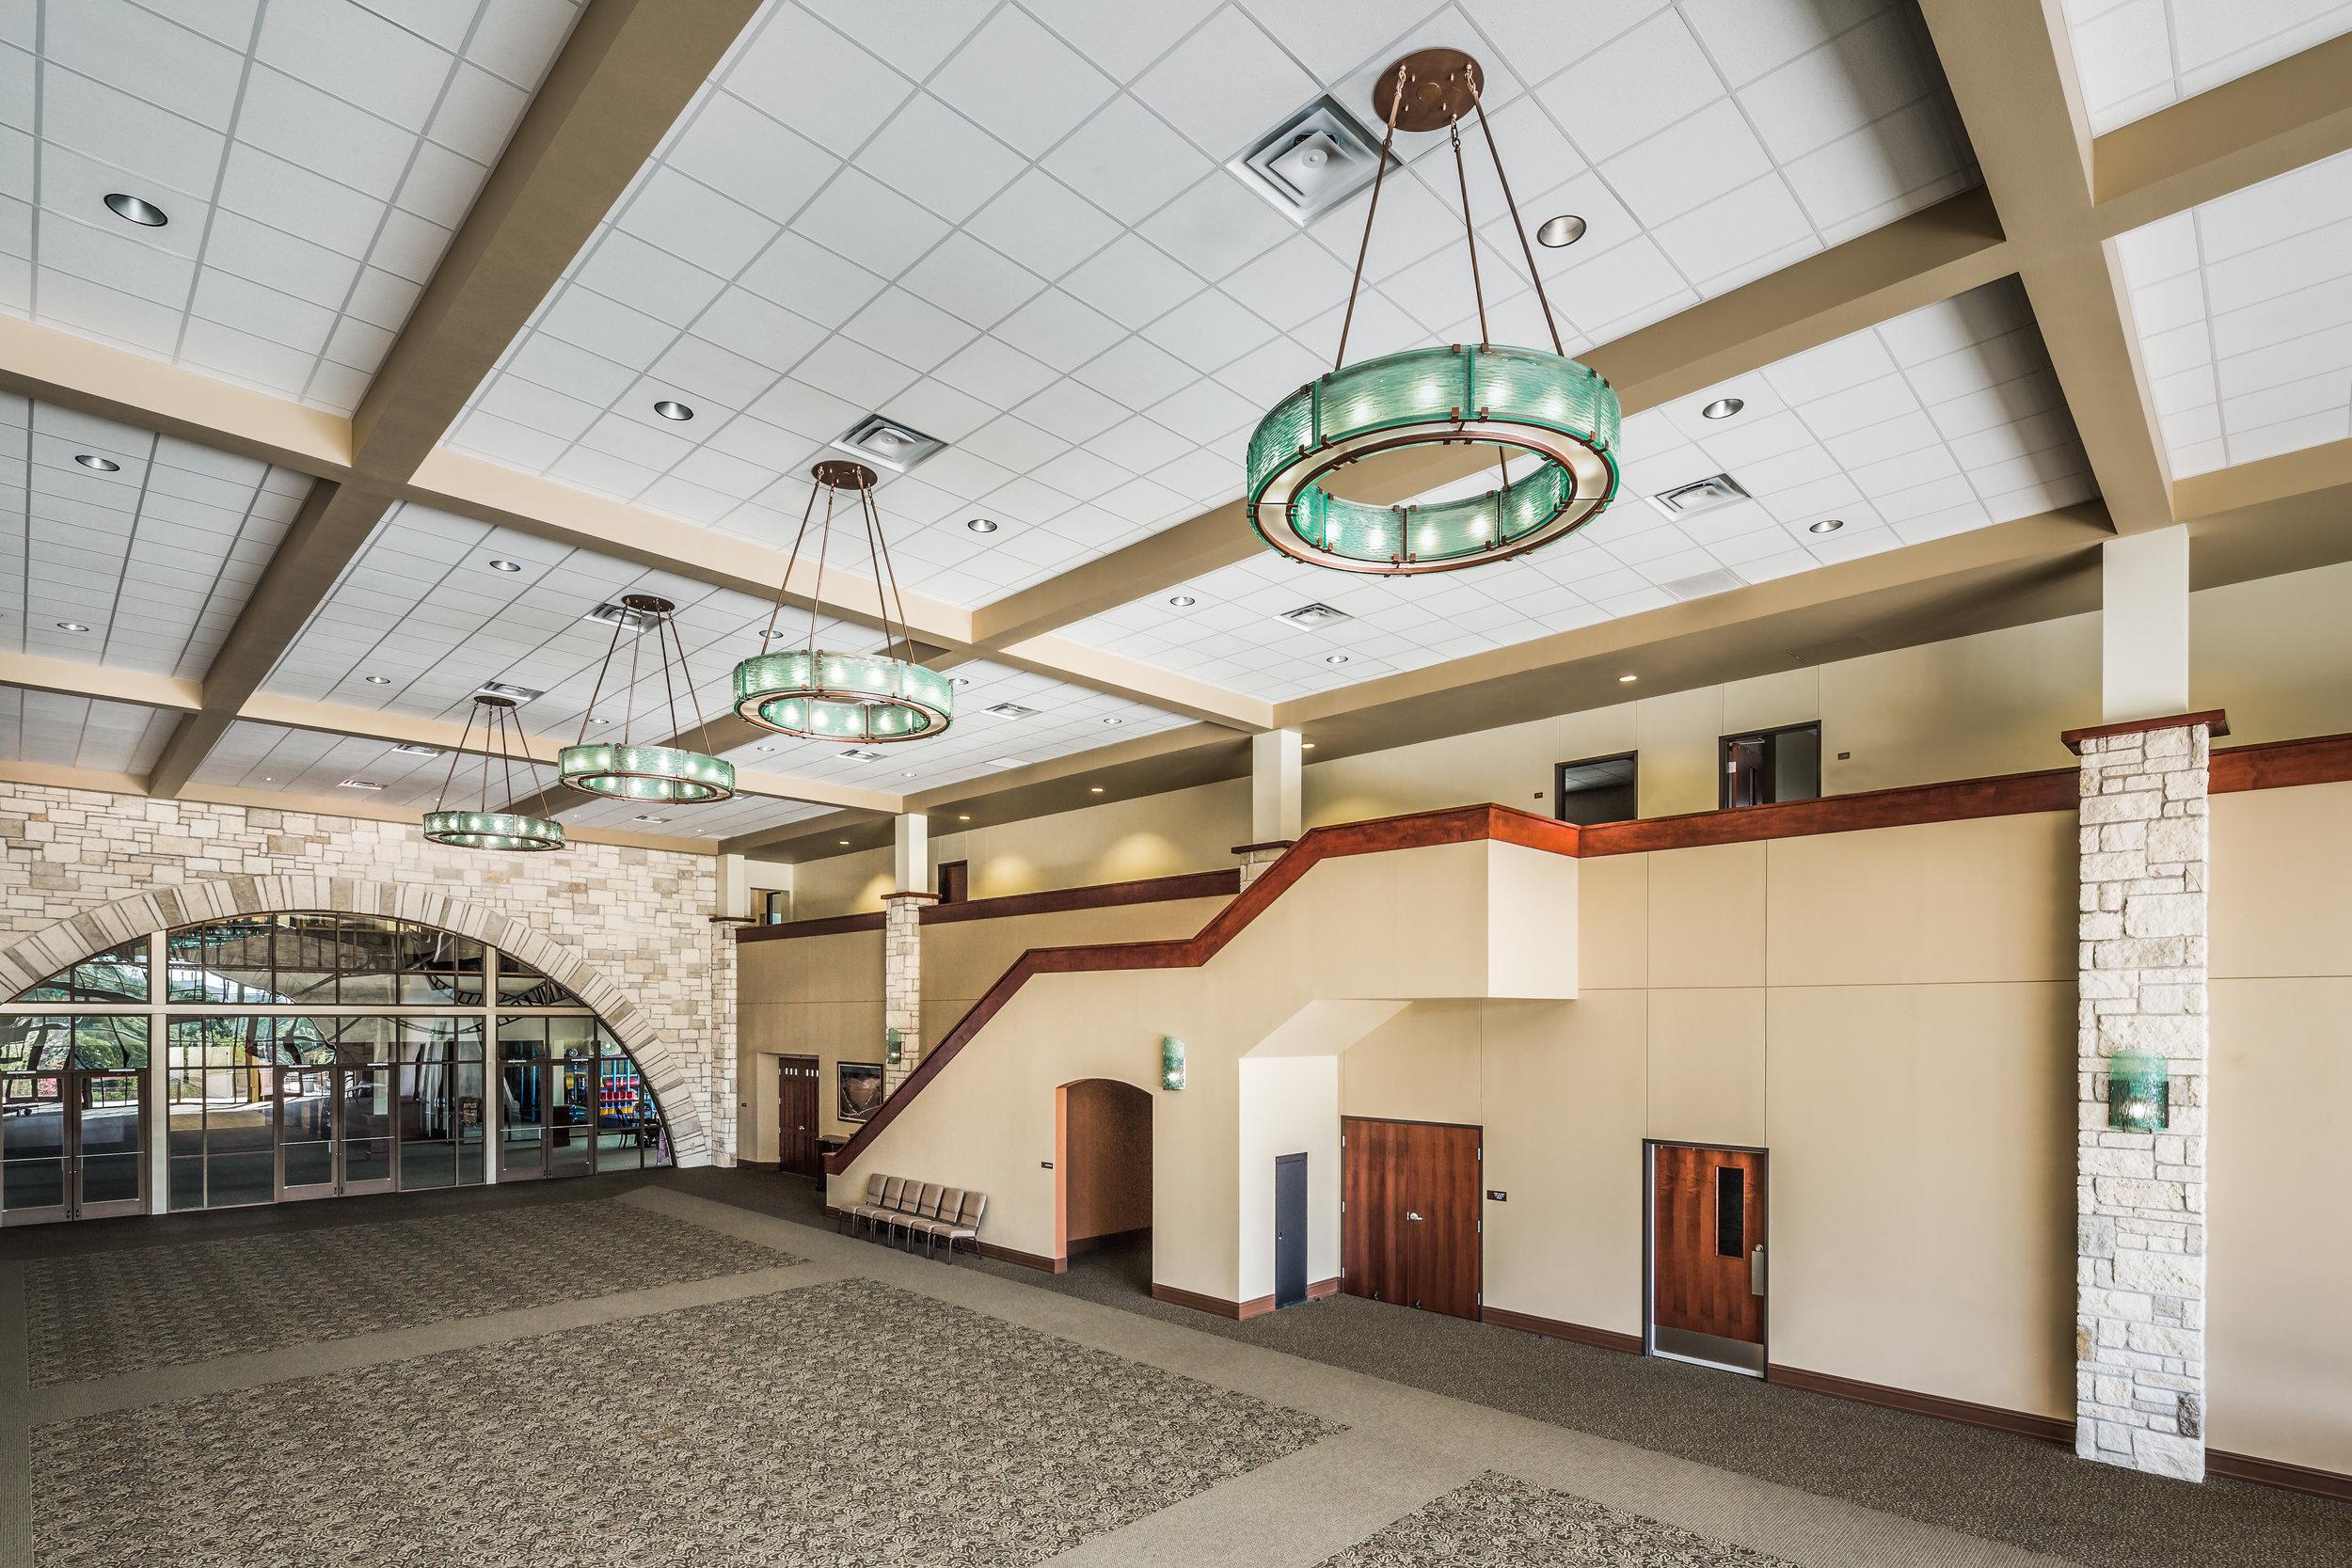 Austin Baptist Church Fellowship Hall